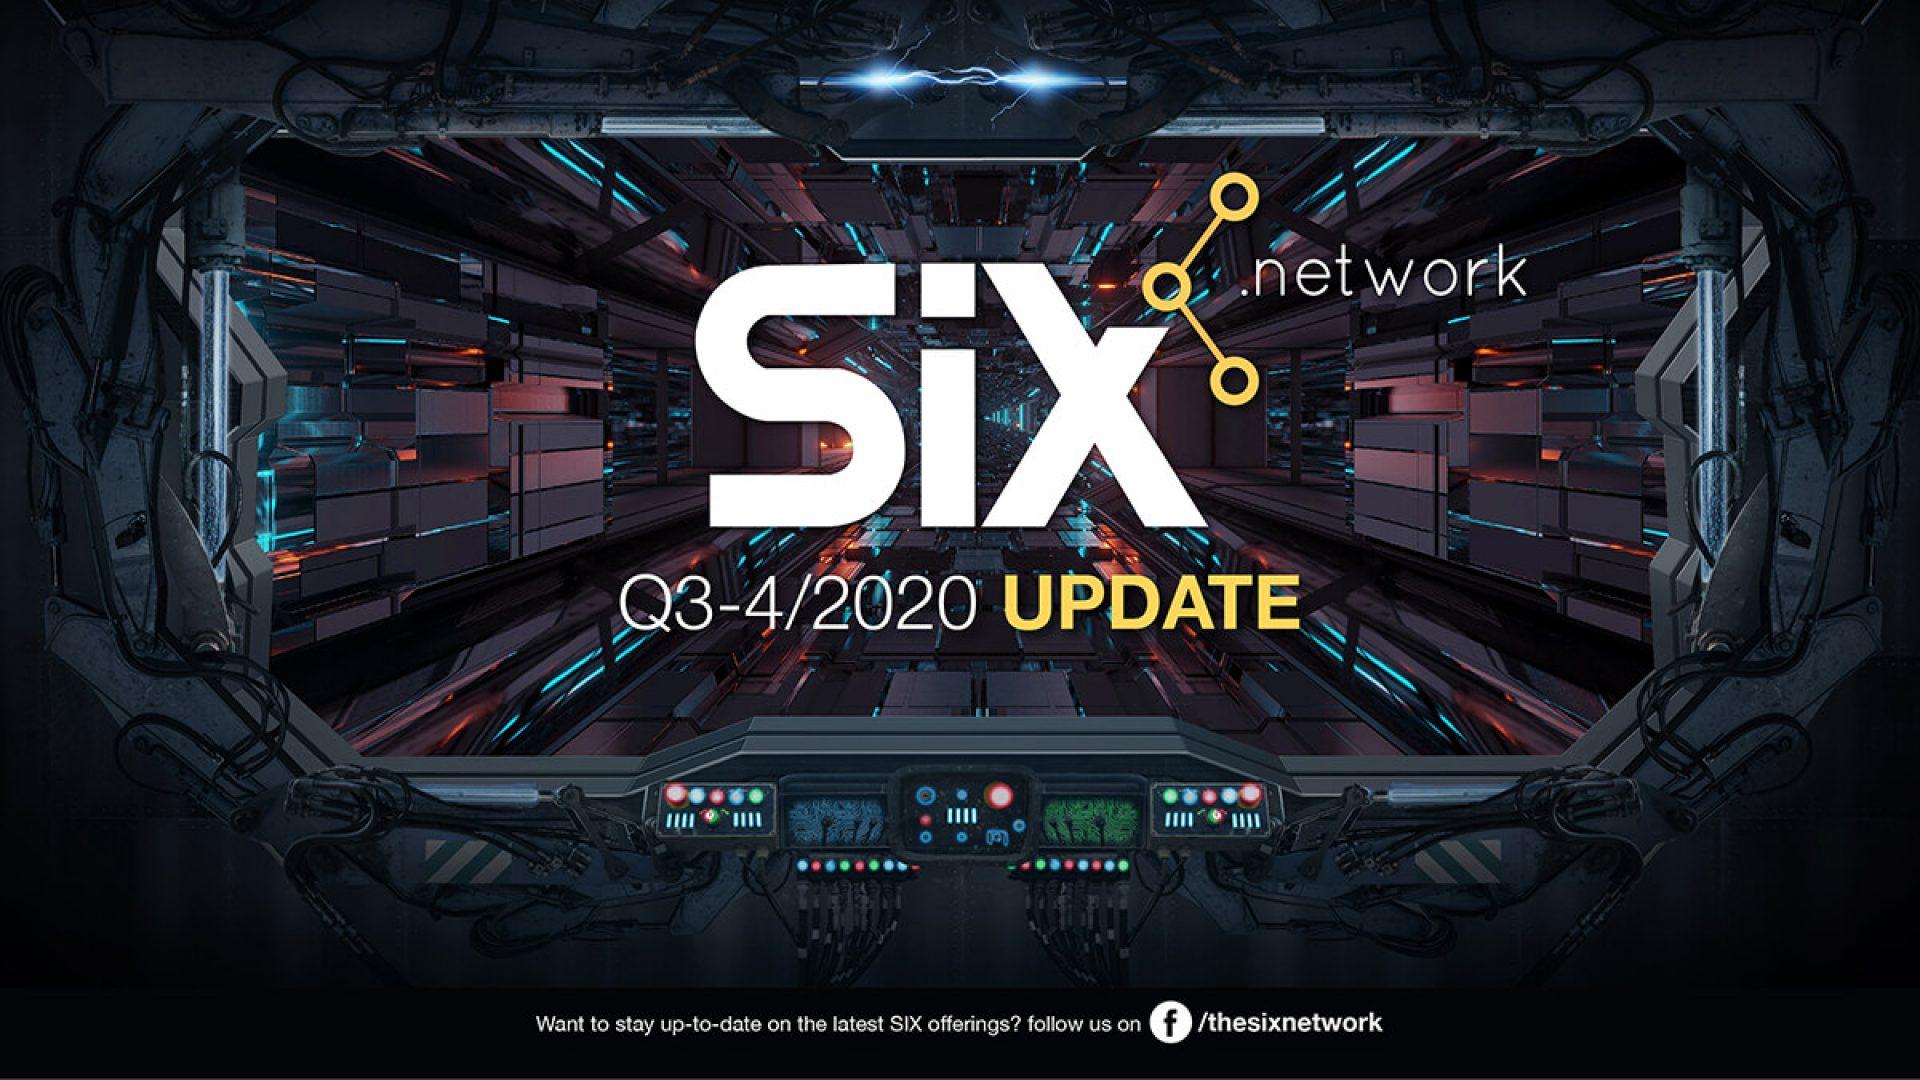 Q3-4 2020 update